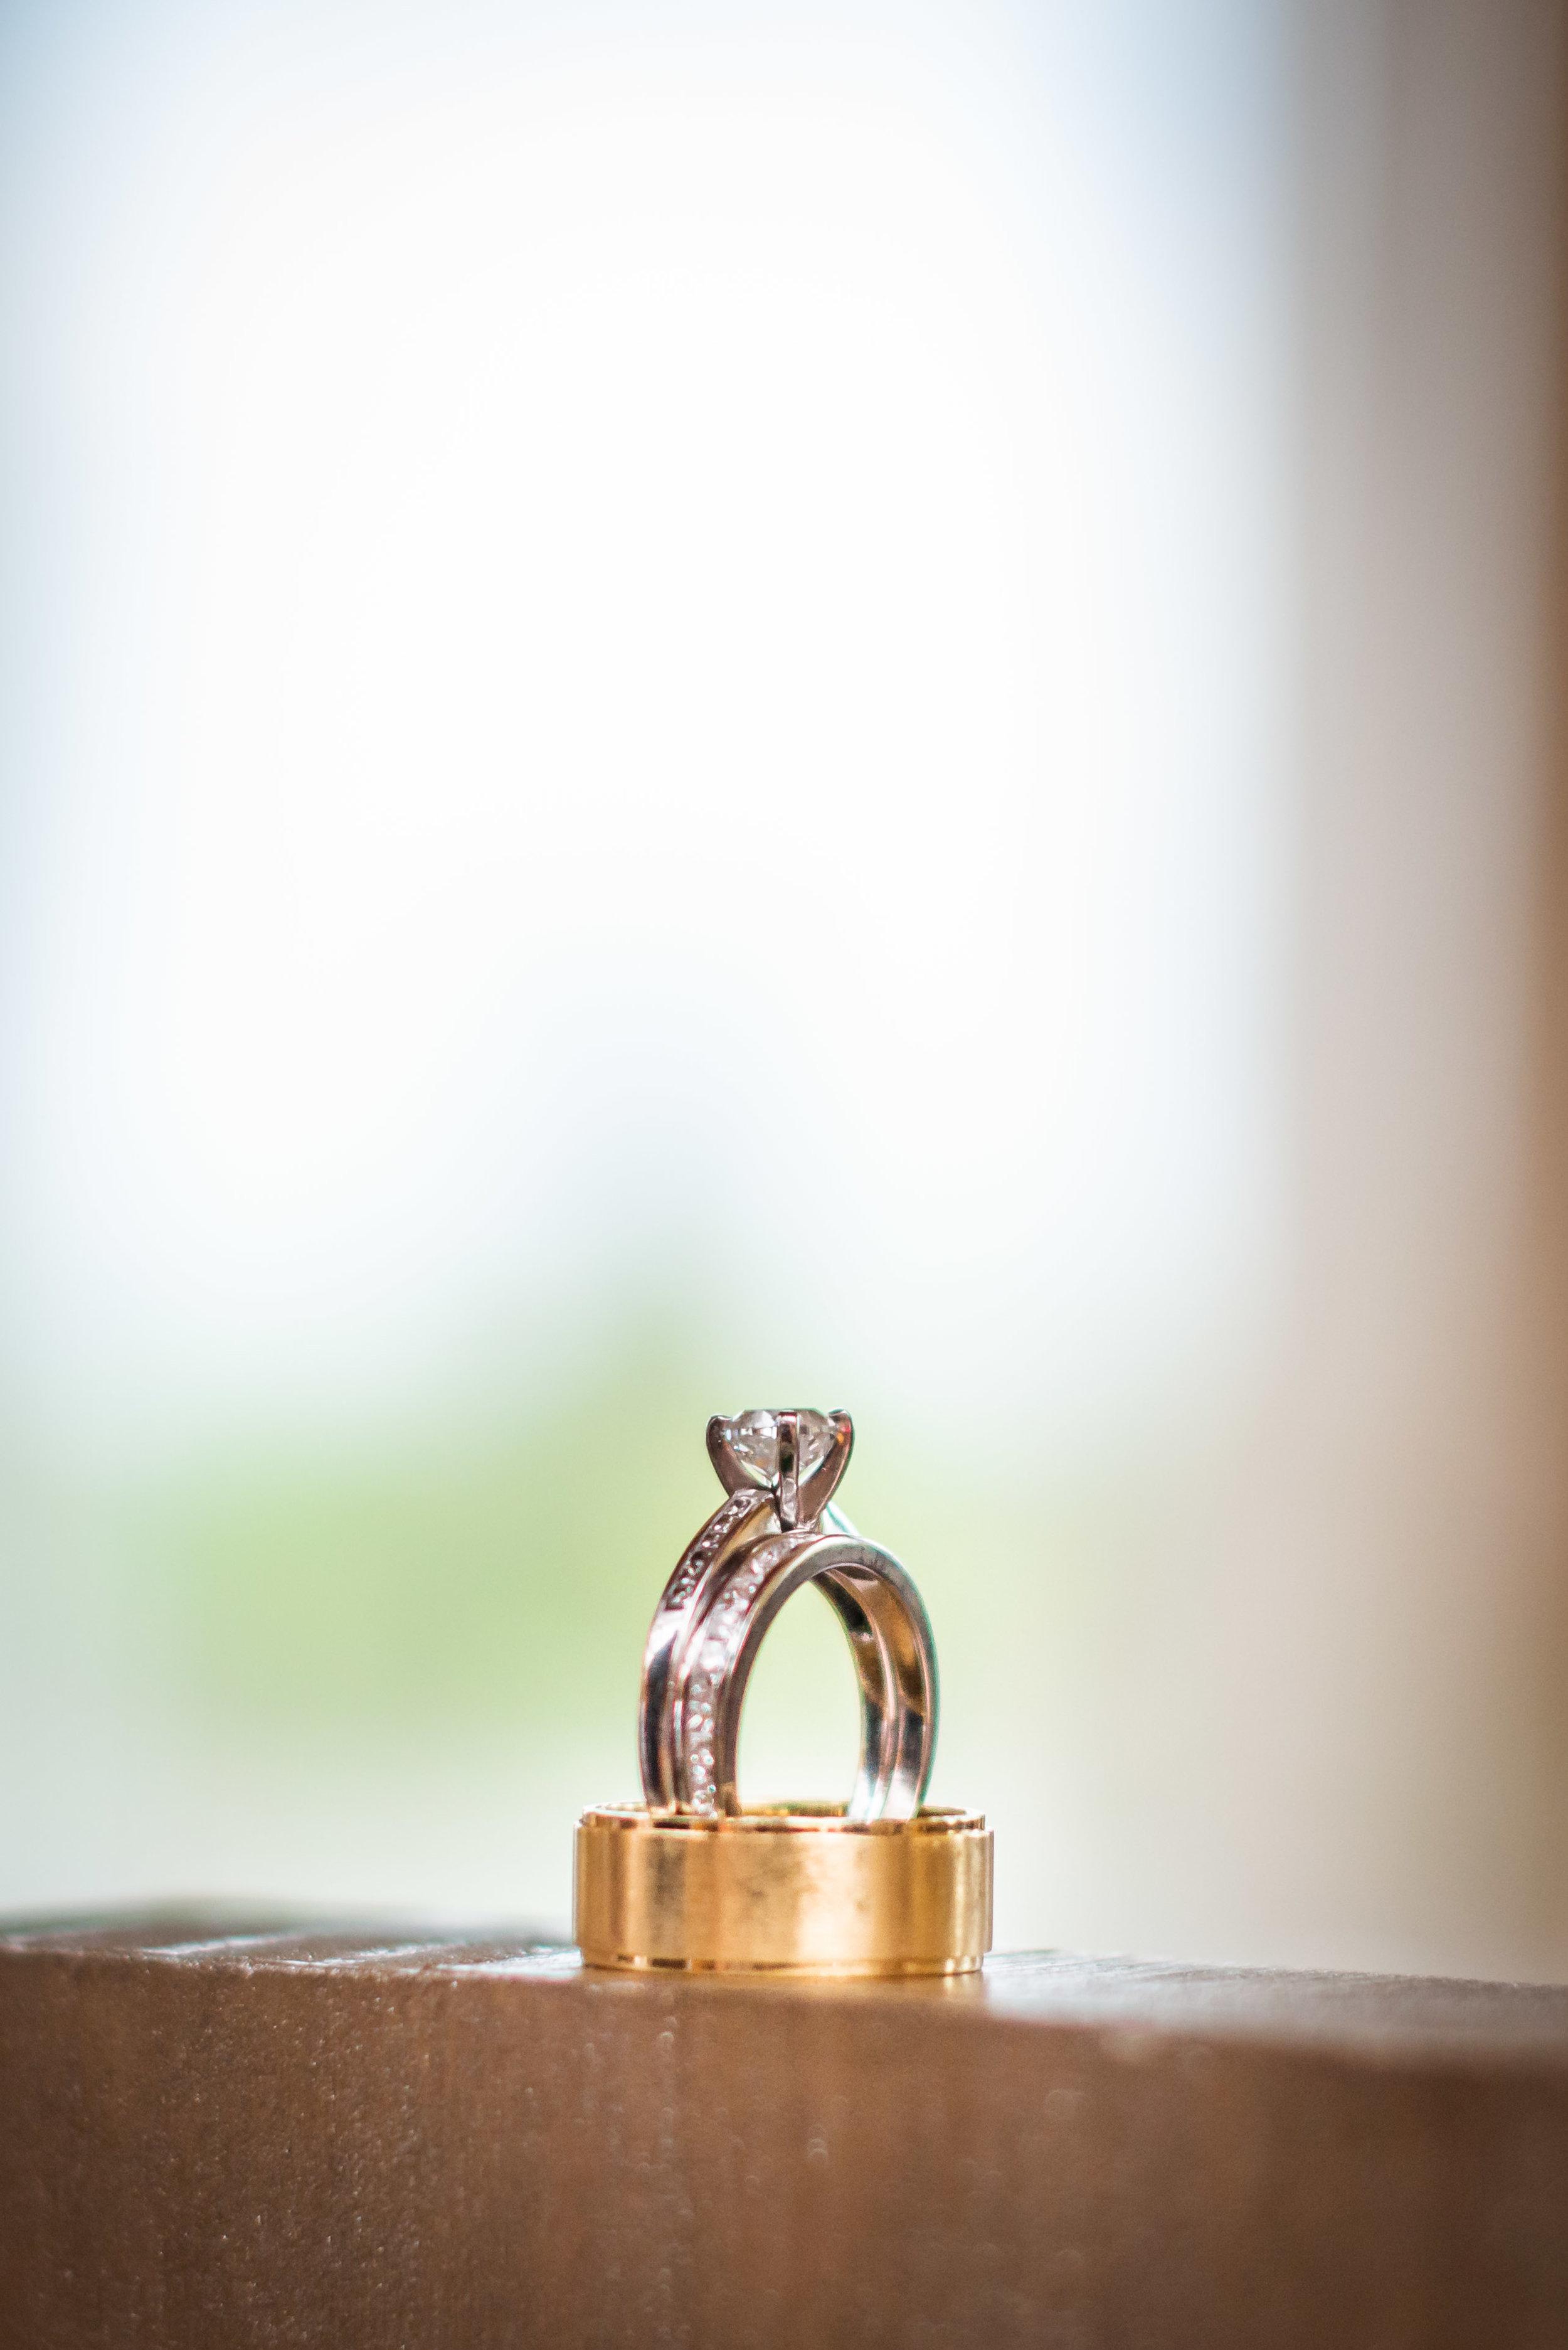 Ring detail photo